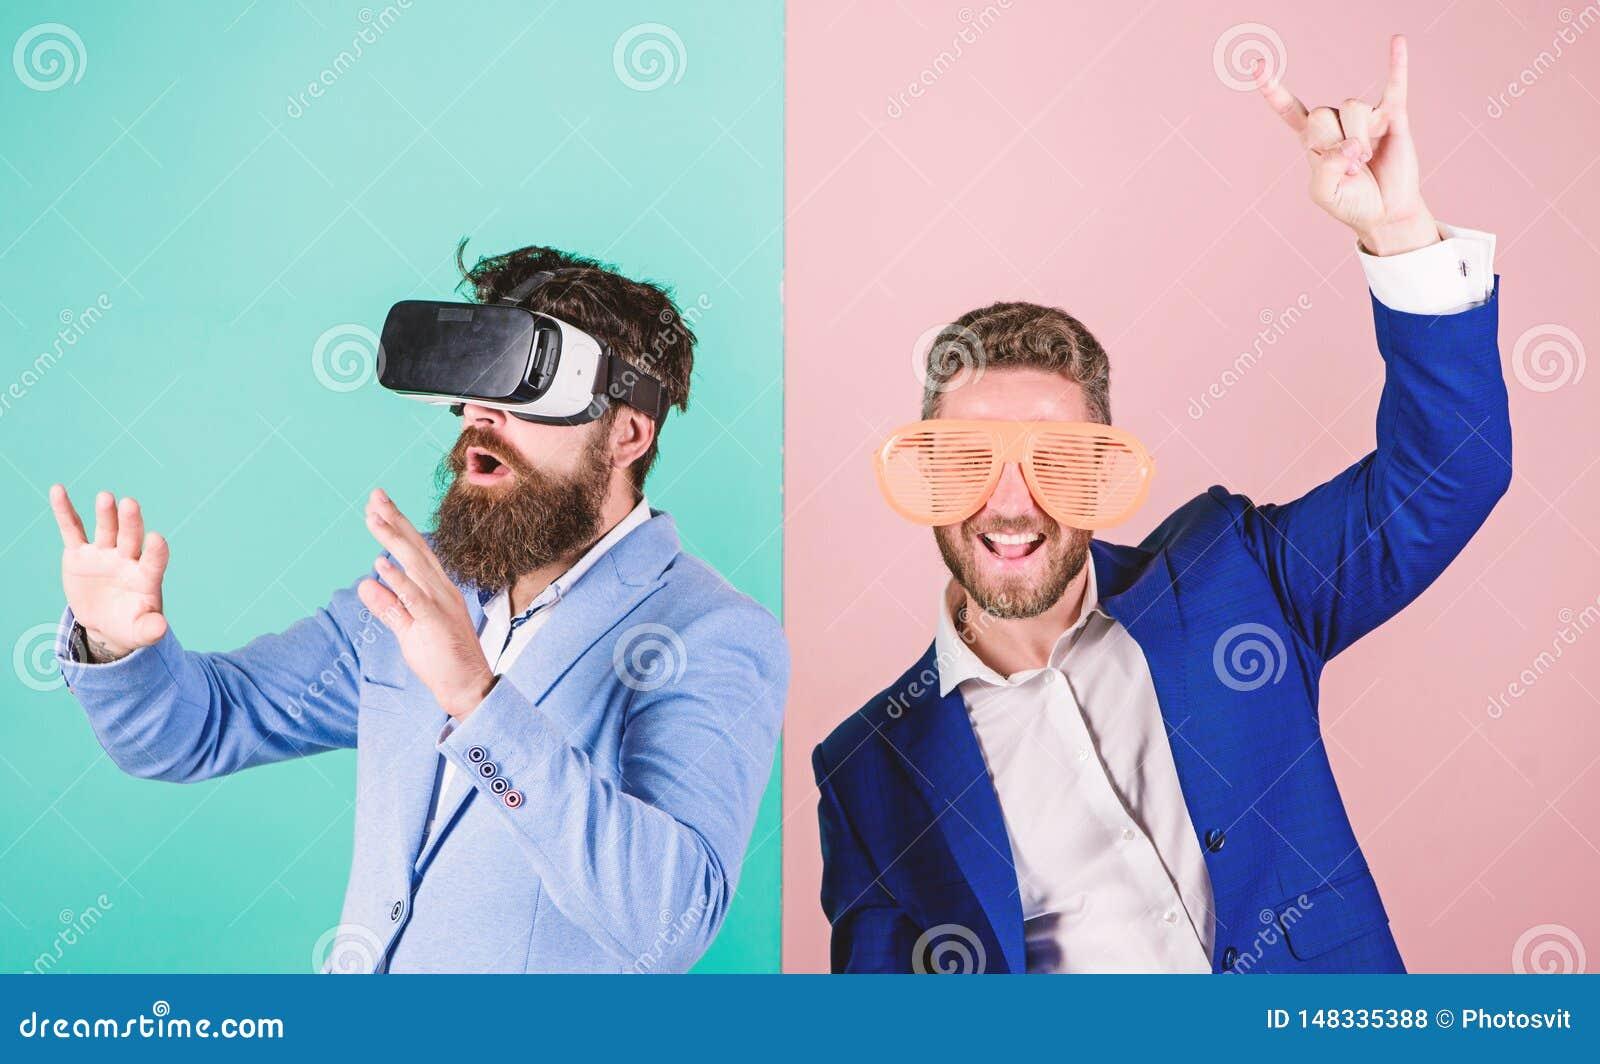 Divertimento real e alternativa virtual Homem com a barba em vidros de VR e no acess?rio pl?stico louvered O indiv?duo interage e